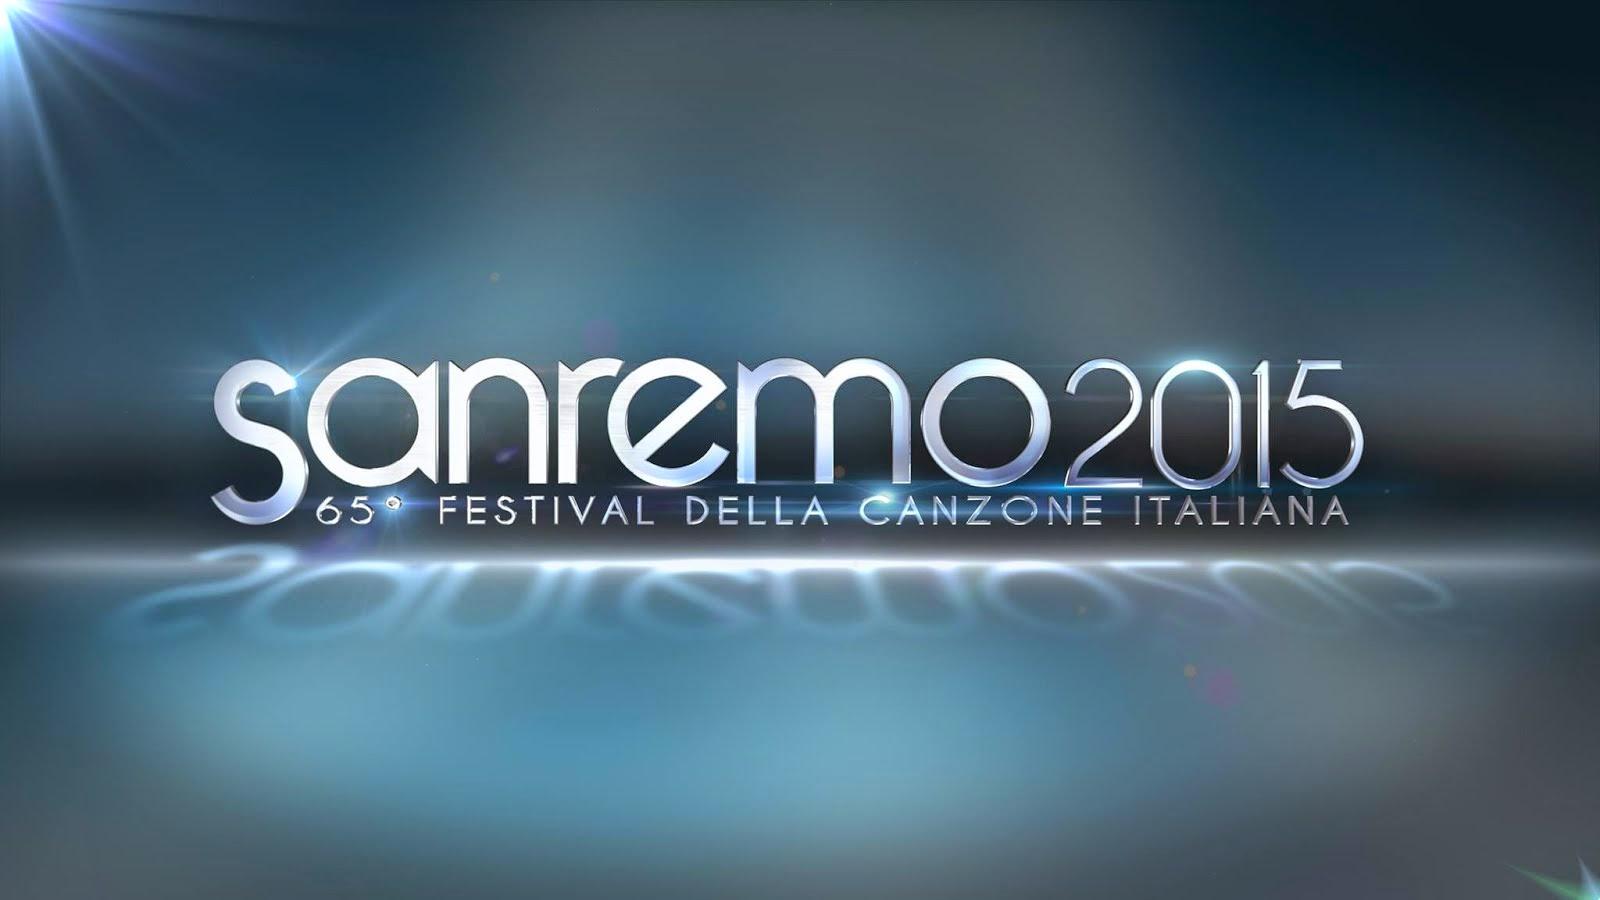 65º Festival della Canzone Italiana